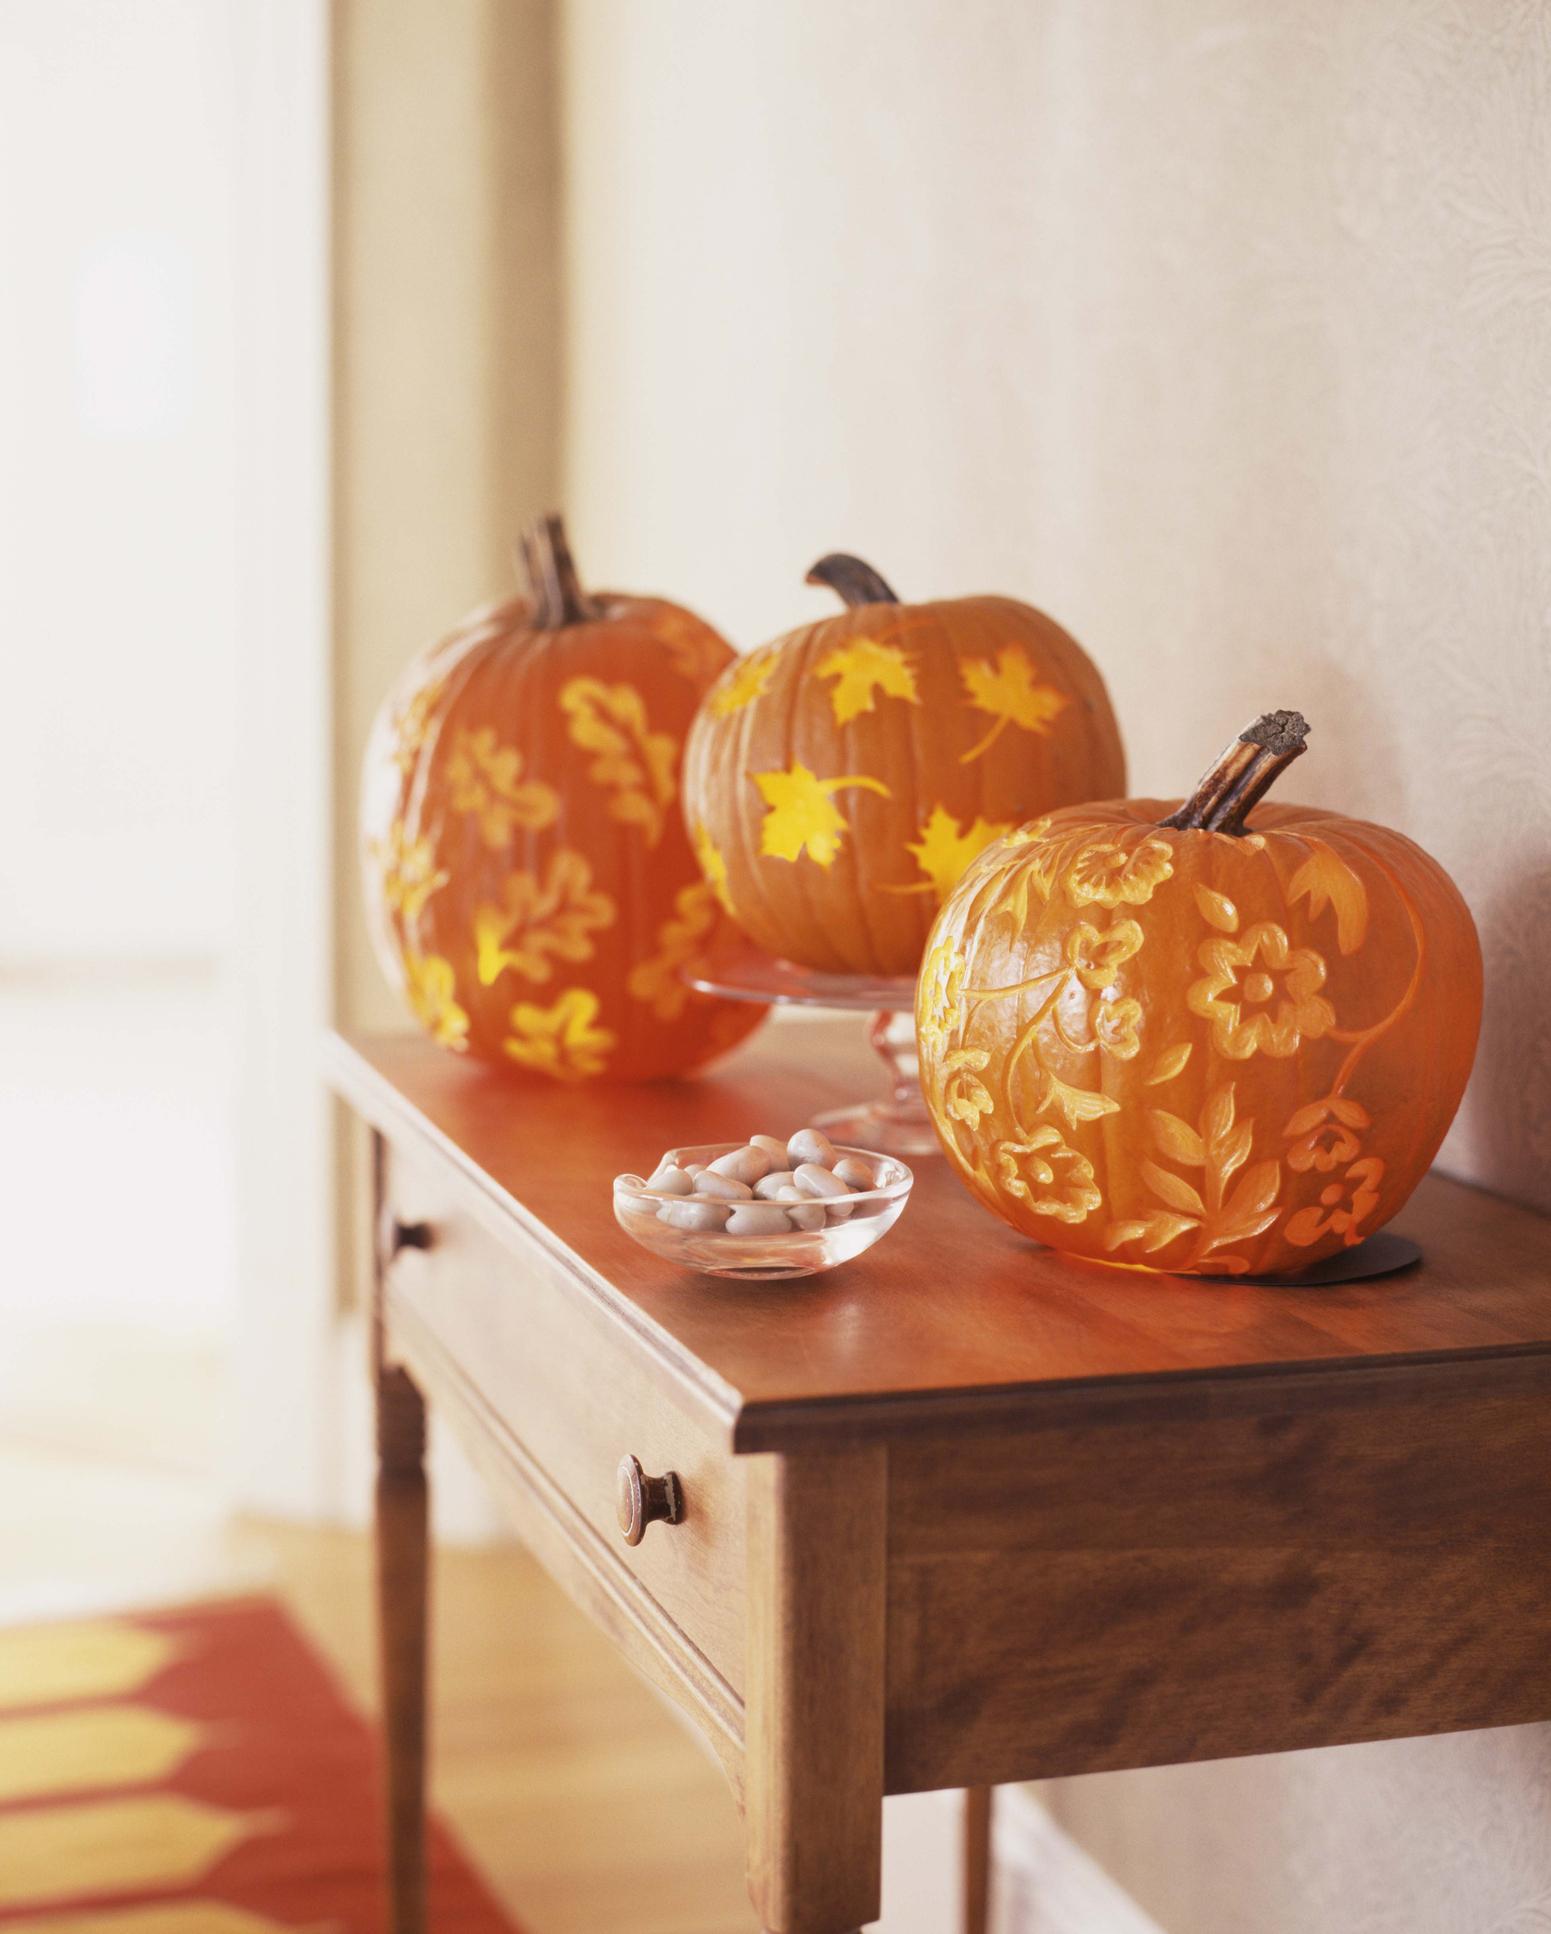 Fancy carved pumpkins